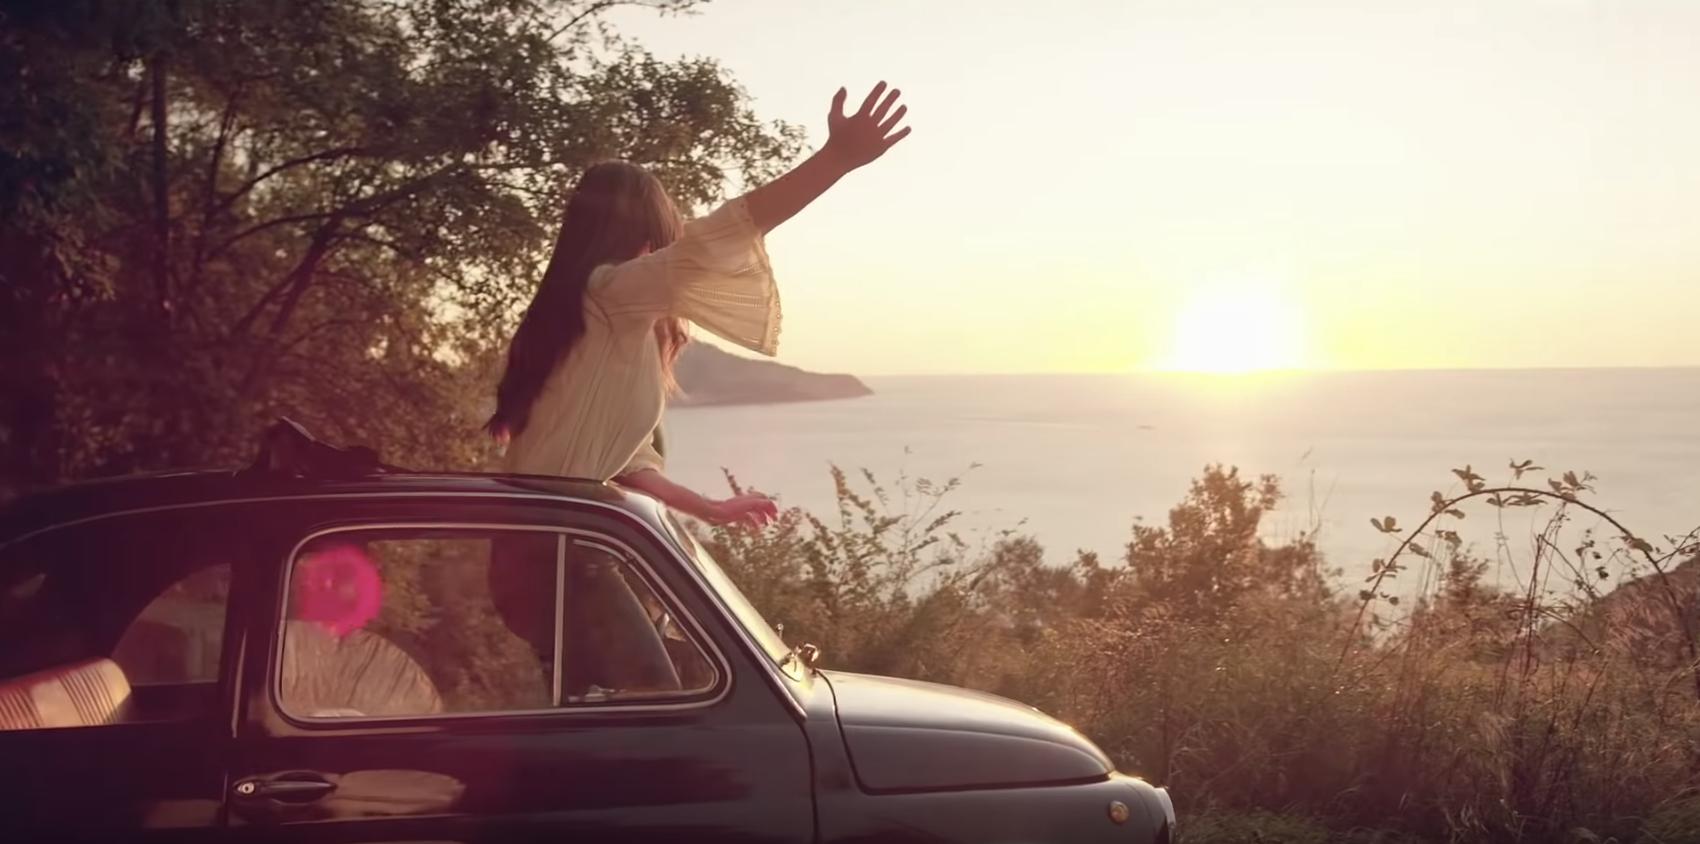 """""""Romantic story"""": directia 5 lanseaza o noua piesa cu videoclip"""